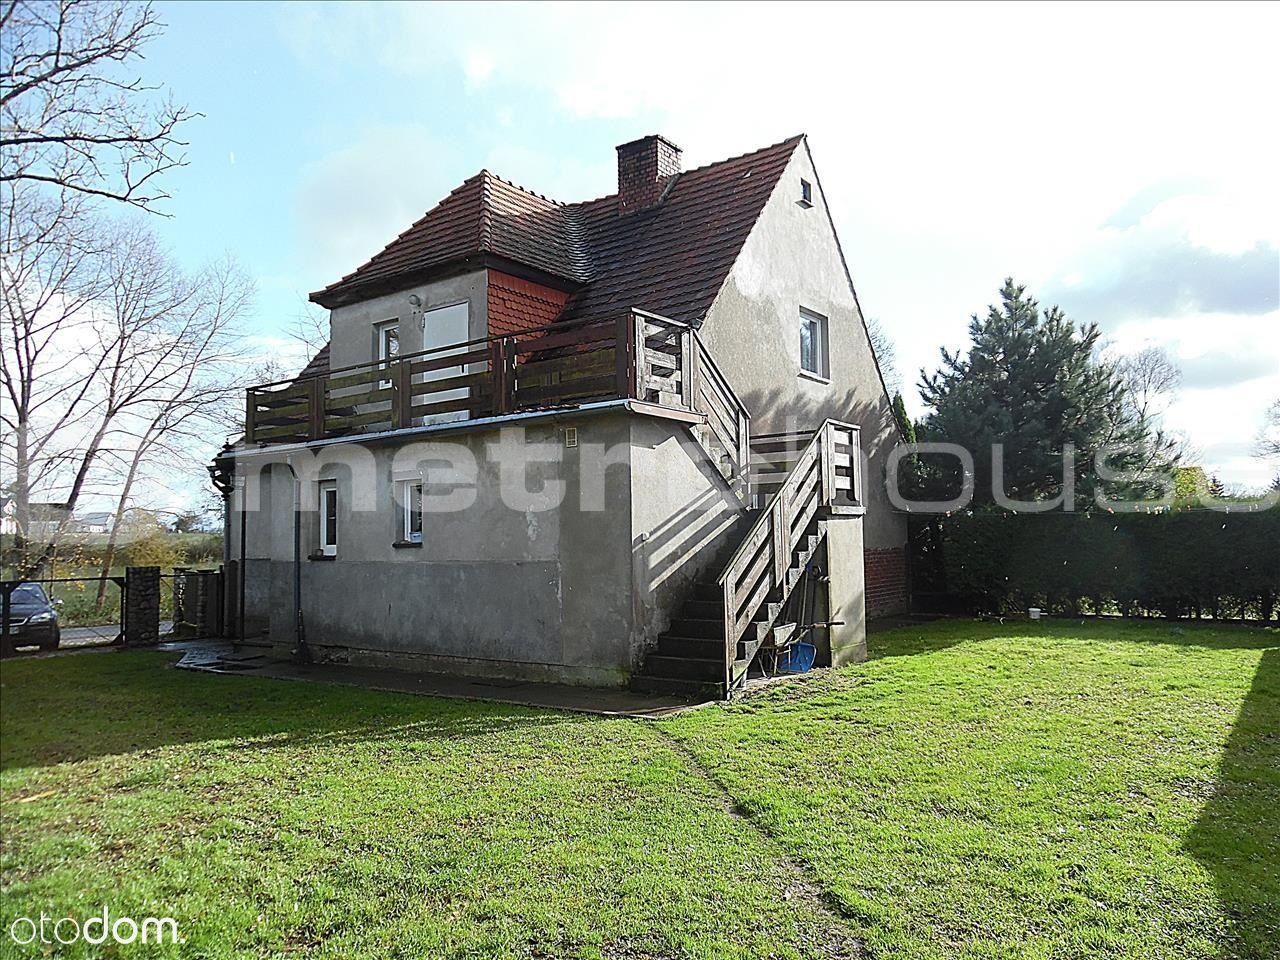 Dom na sprzedaż, Jelenino, szczecinecki, zachodniopomorskie - Foto 1